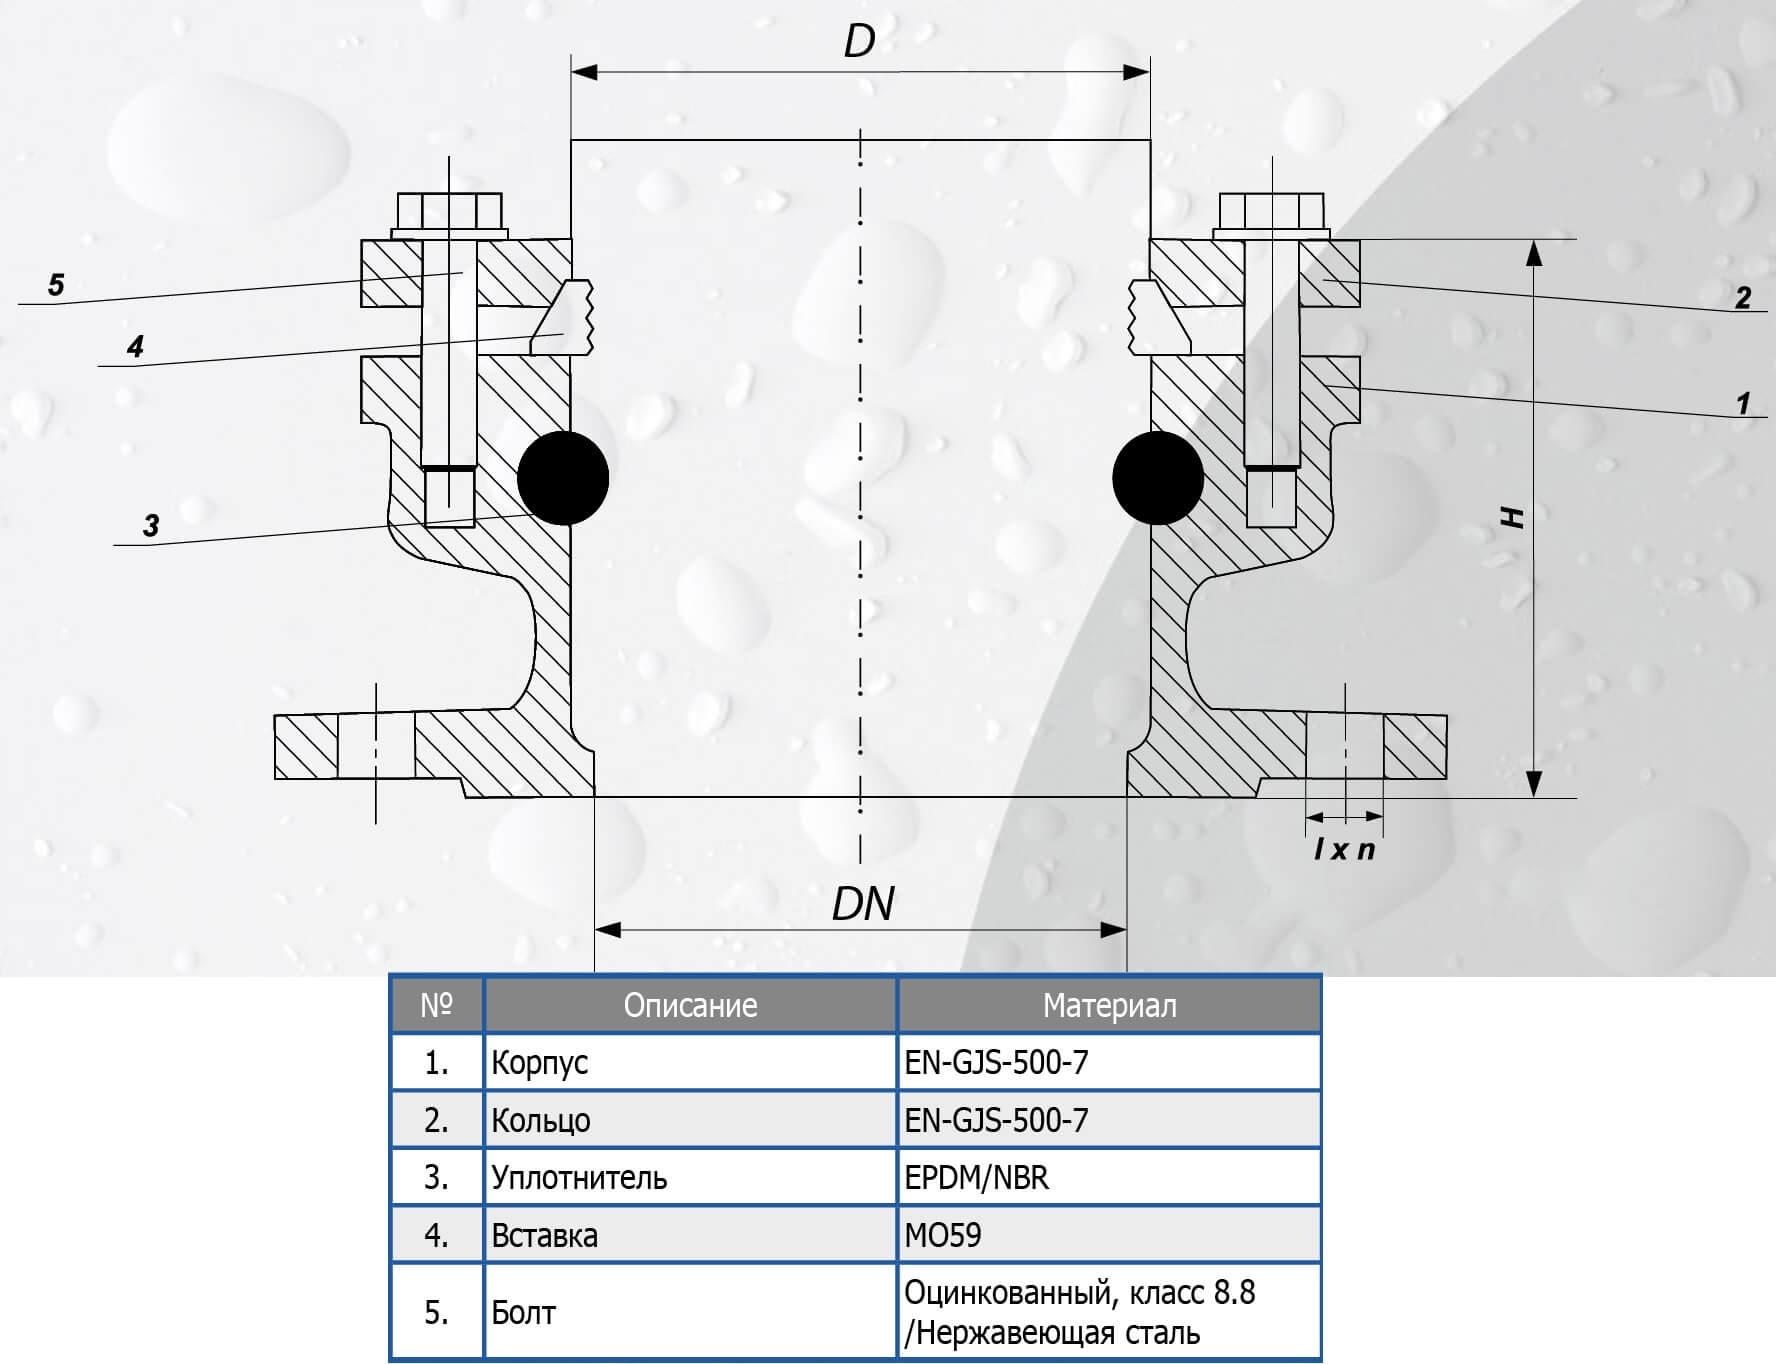 Чертеж для Раструбно-фланцевый соединитель RK SFERO с латунной вставкой для полиэтиленовых труб DN200